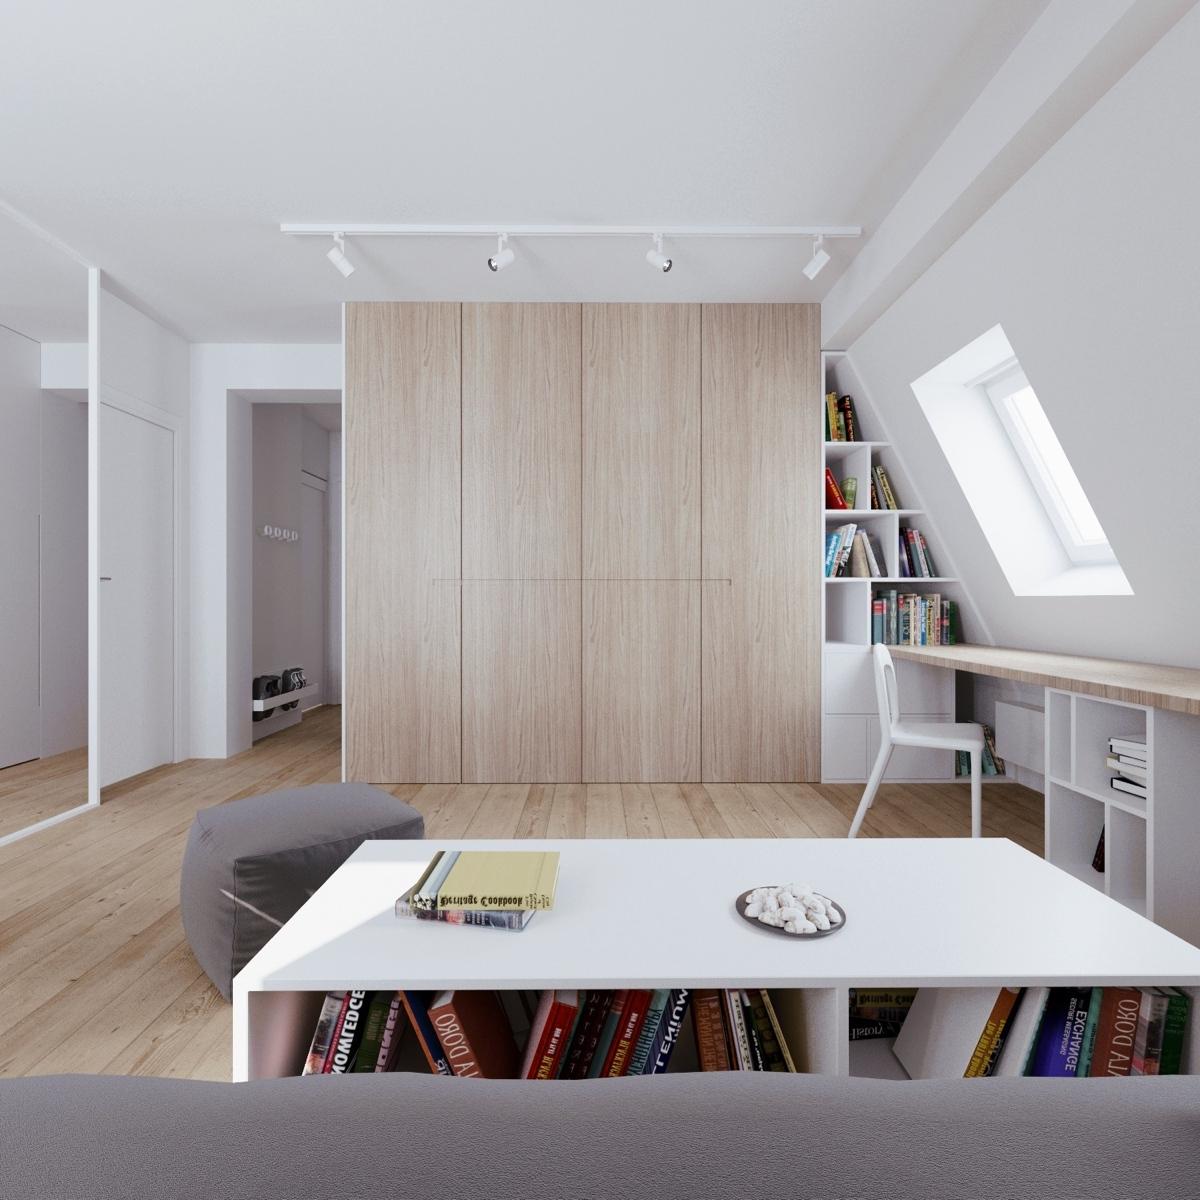 Wedo thiết kế nội thất thông minh cho phòng ăn căn hộ áp mái